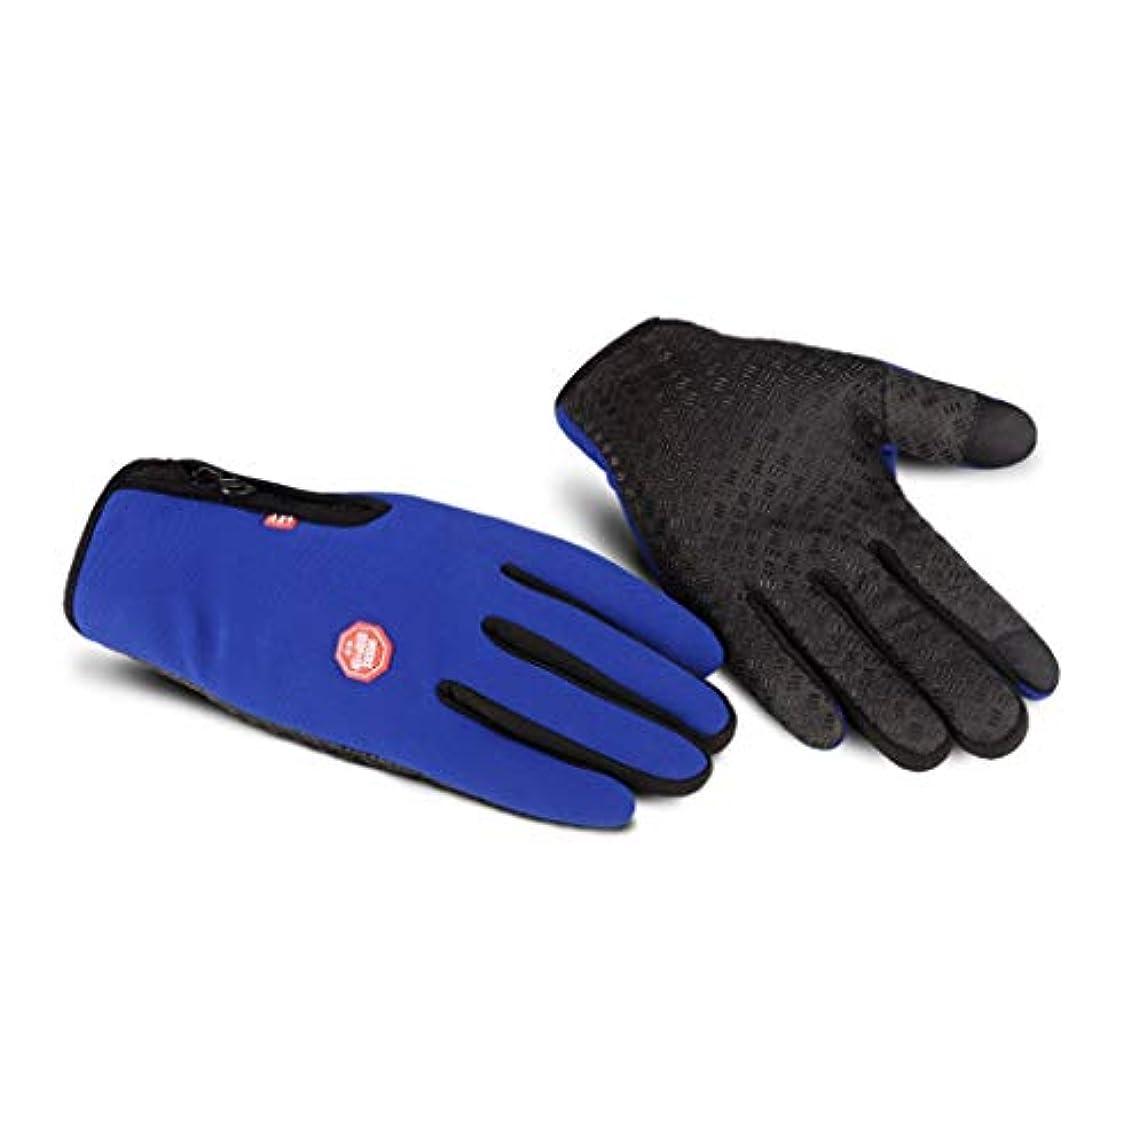 錫差し引く珍しい手袋の男性の秋と冬の自転車電動バイクの女性のタッチスクリーンはすべて防風ノンスリップ暖かいコールドプラスベルベット弾性手袋ワンサイズ青